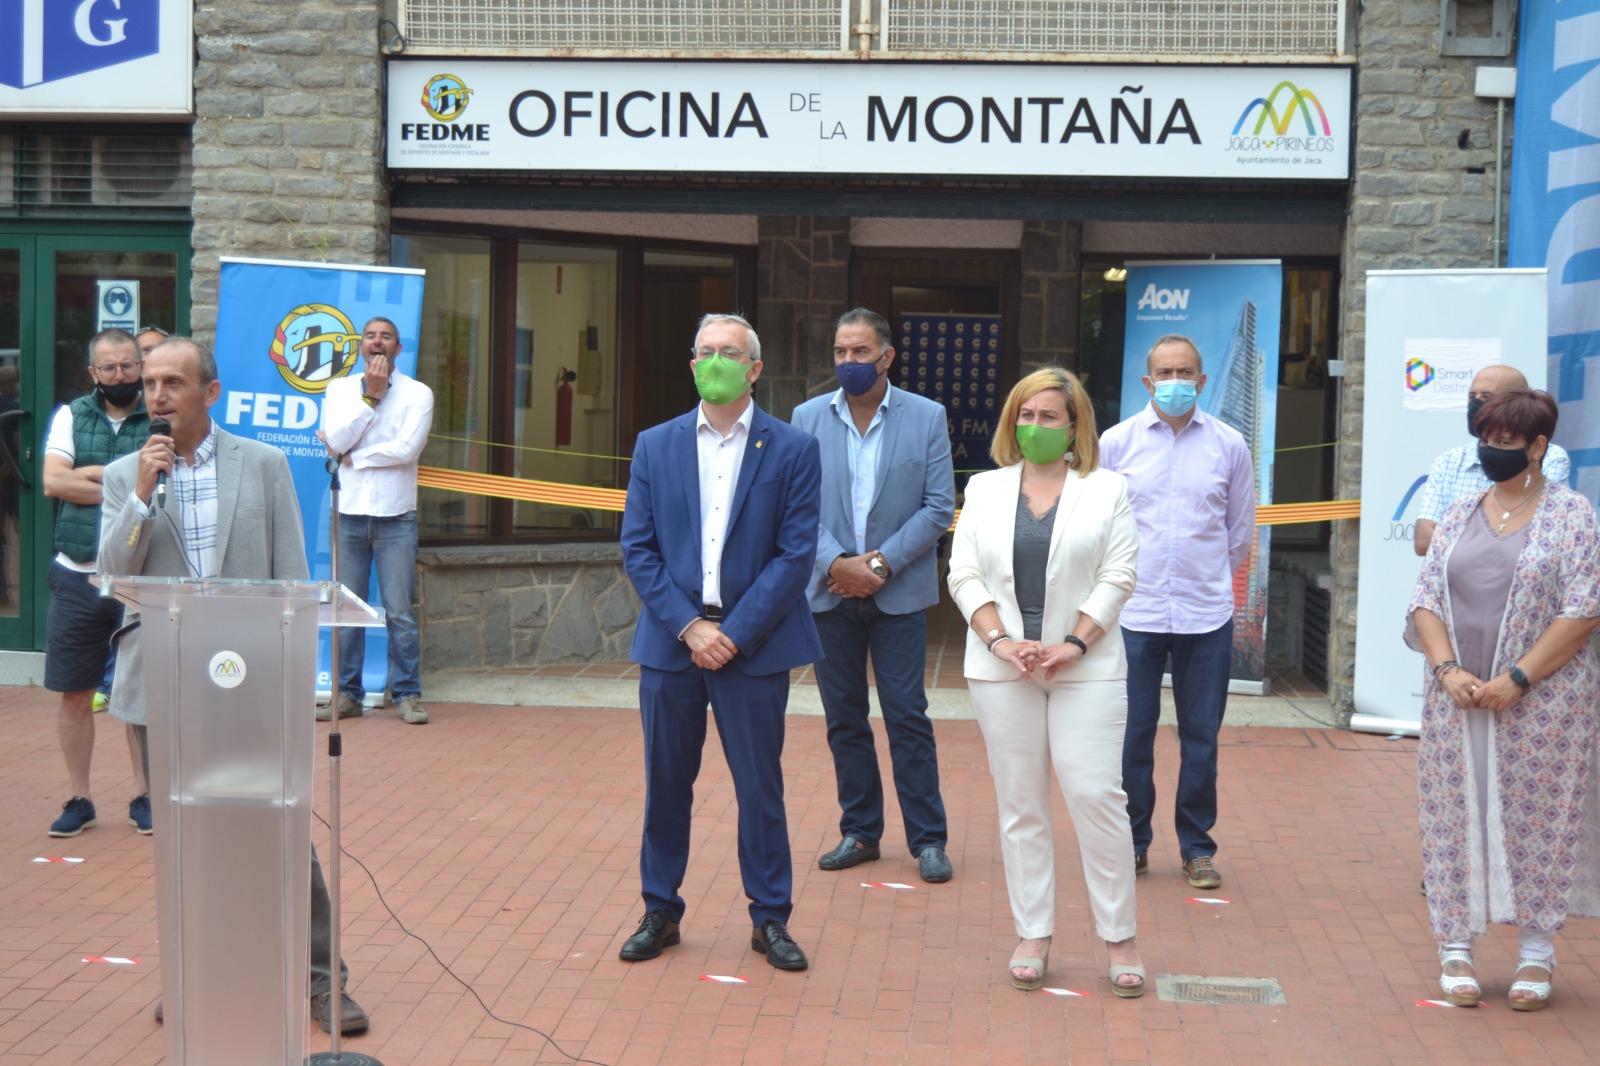 La FEDME abre una Oficina de la Montaña en Jaca